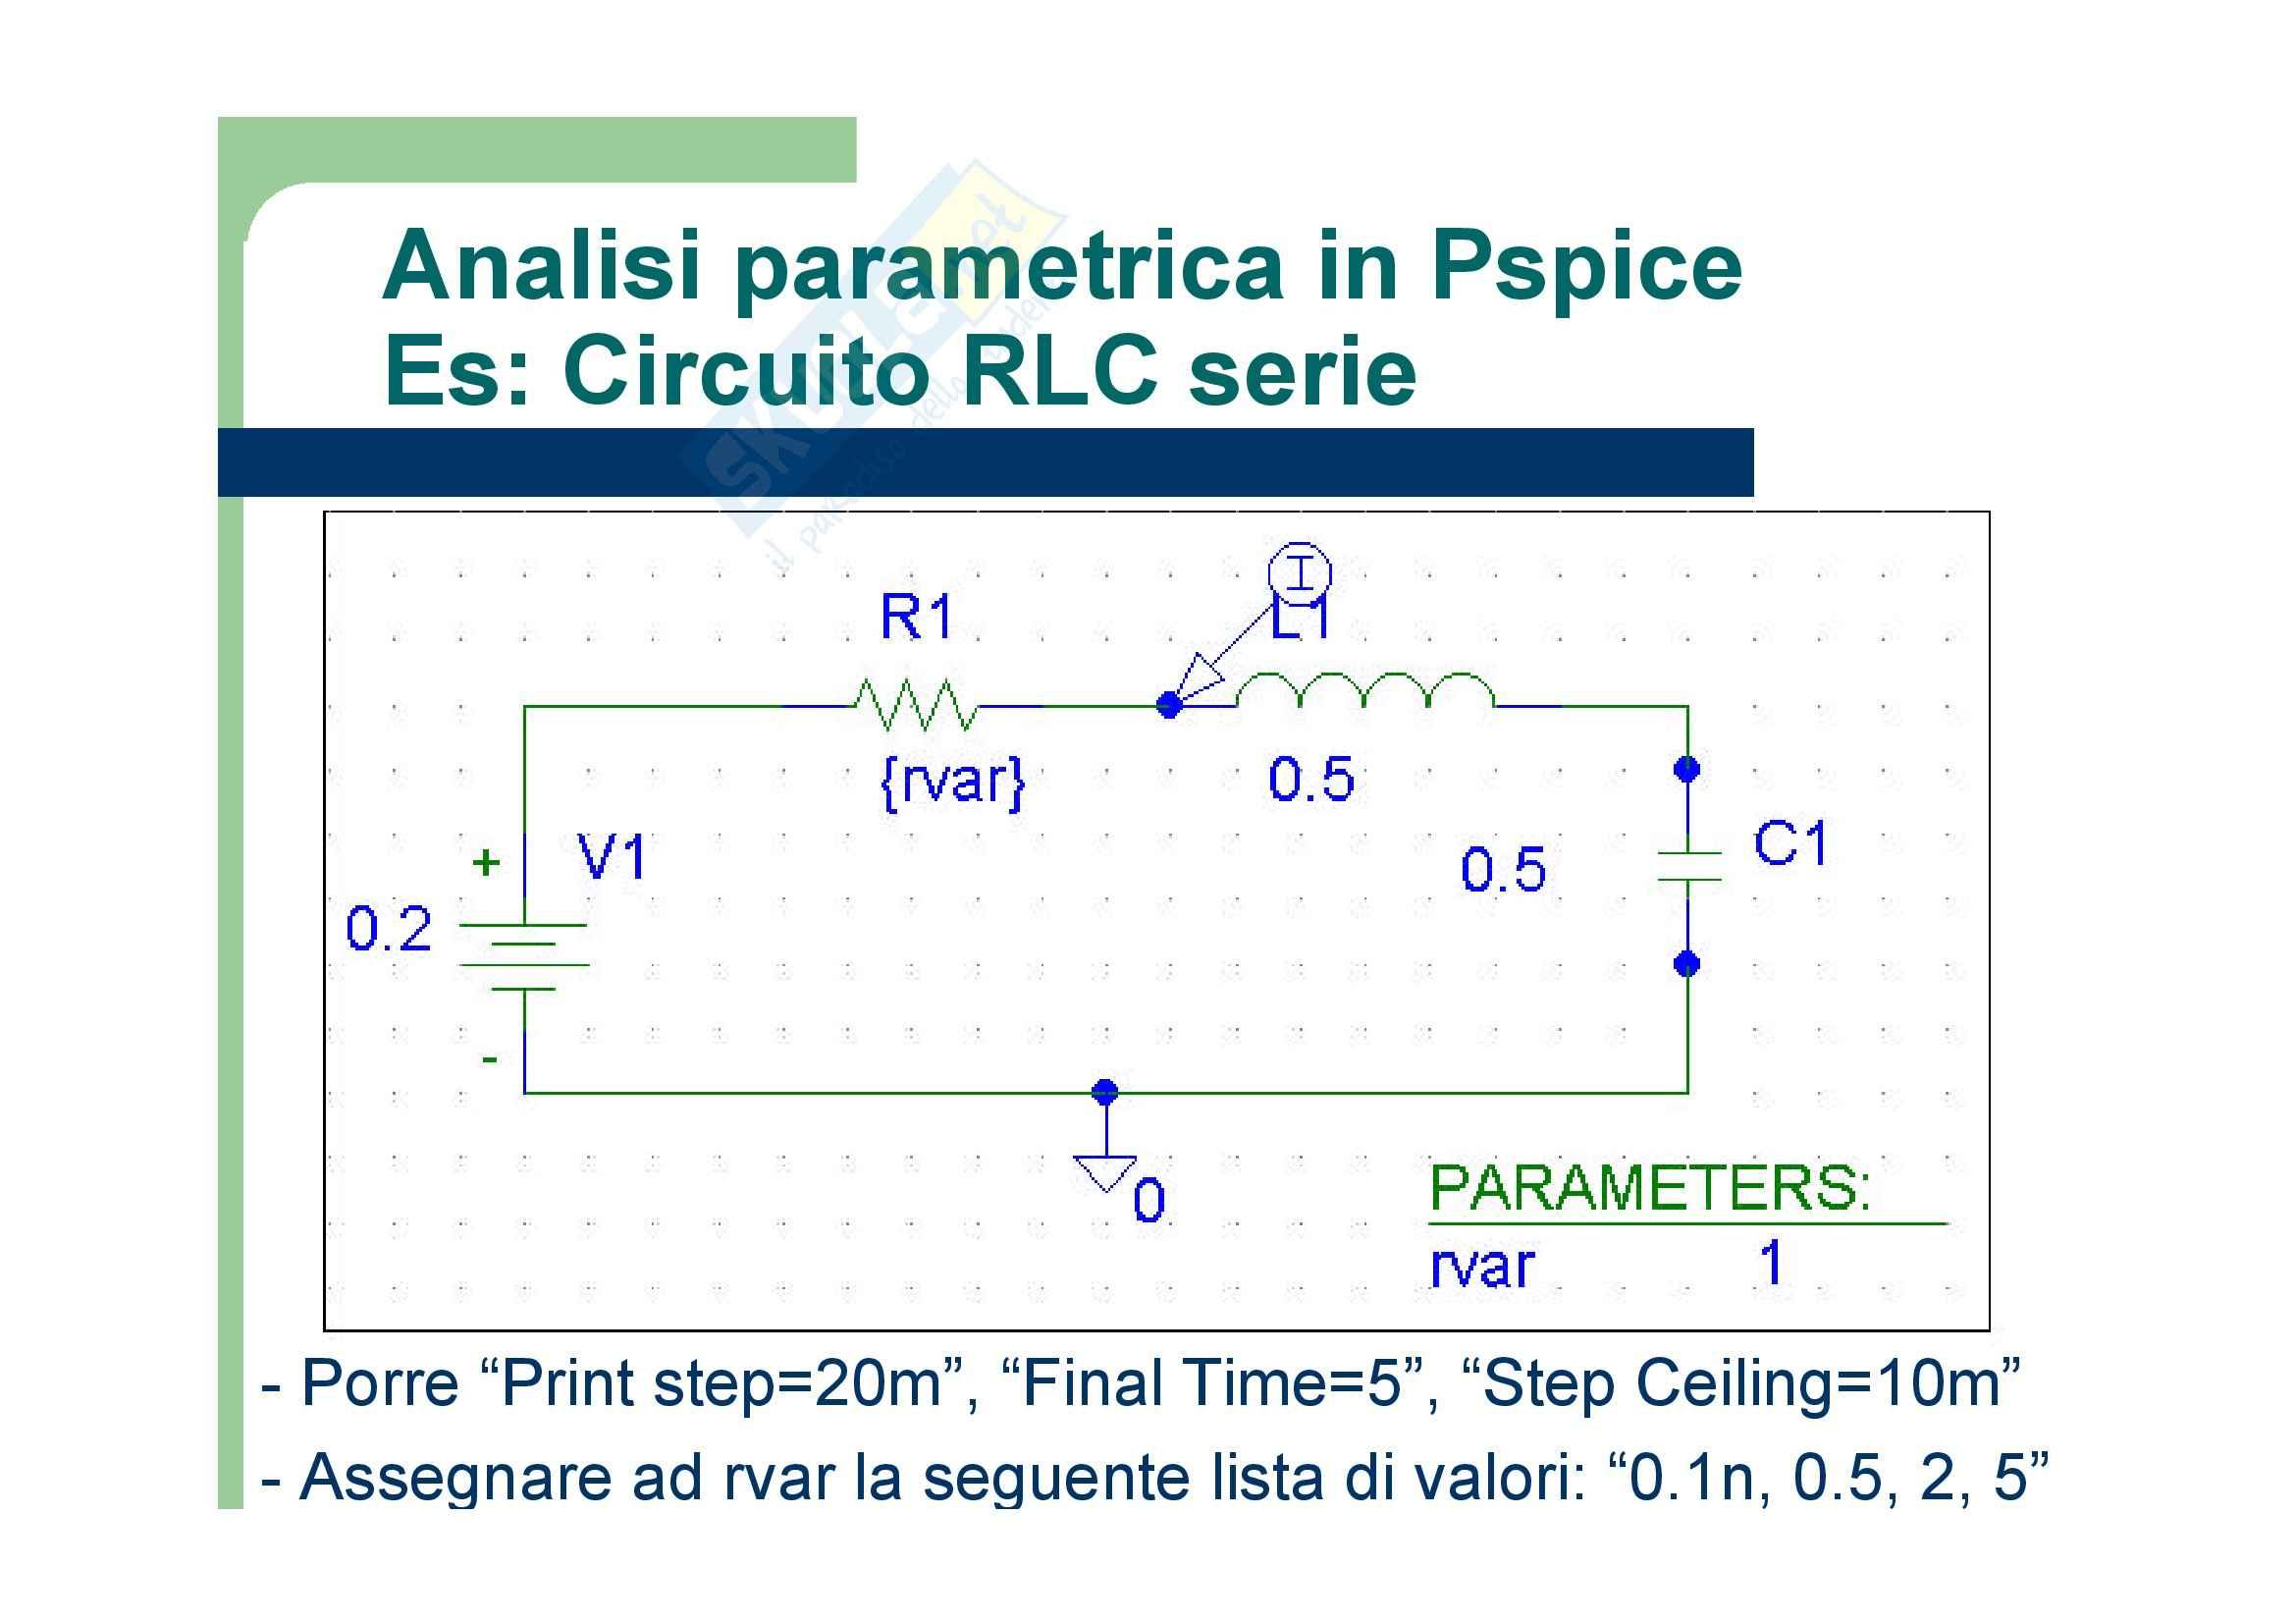 Elettronica analogica - Forme d'onda dei generatori / funzione ad impulso PULSE Pag. 16